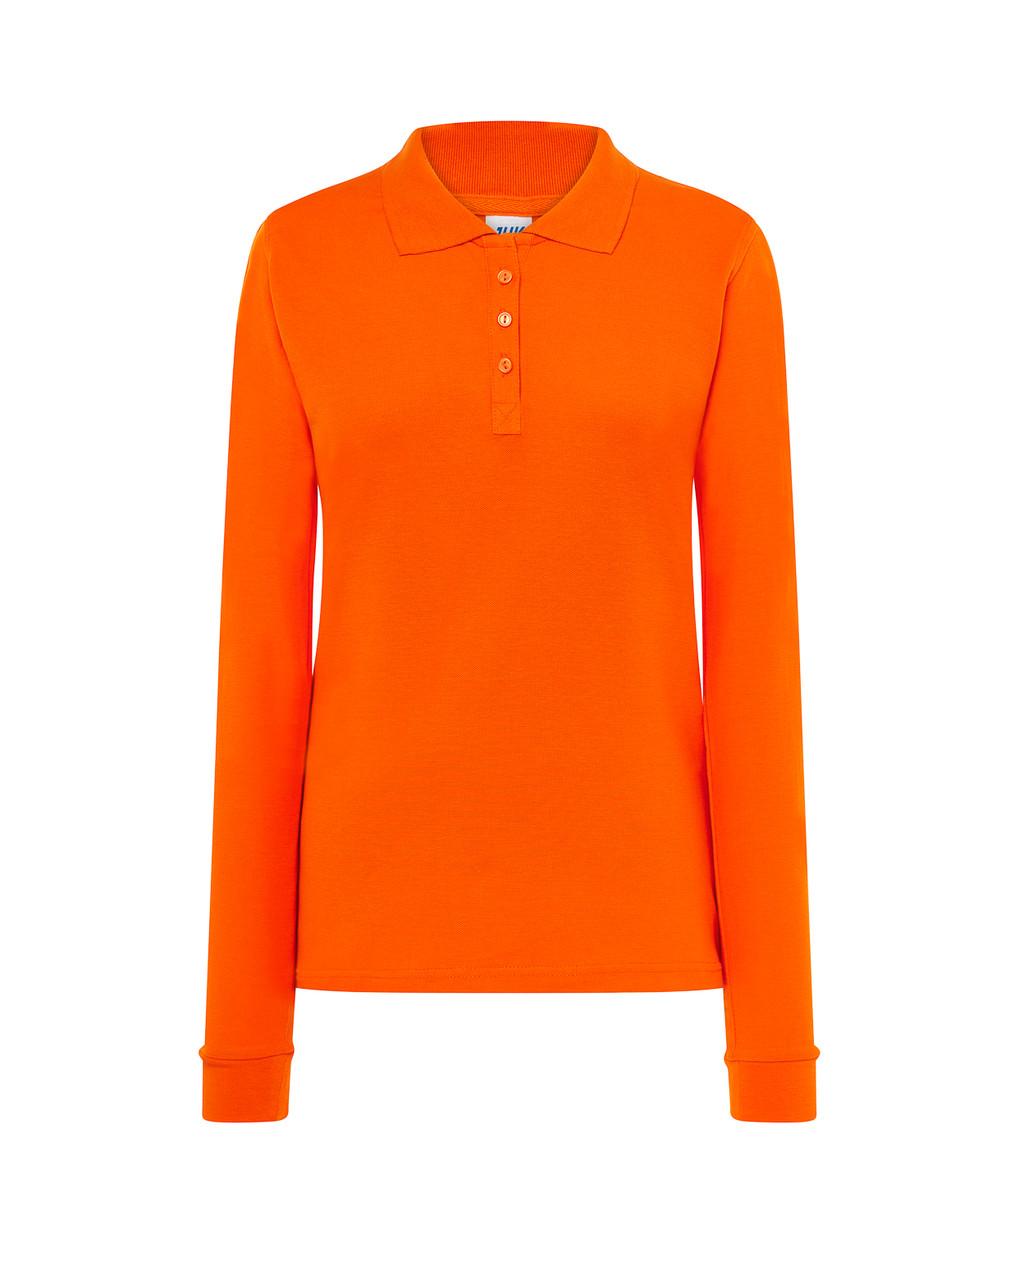 Женская футболка-поло JHK POLO REGULAR LADY LS цвет оранжевый (OR)